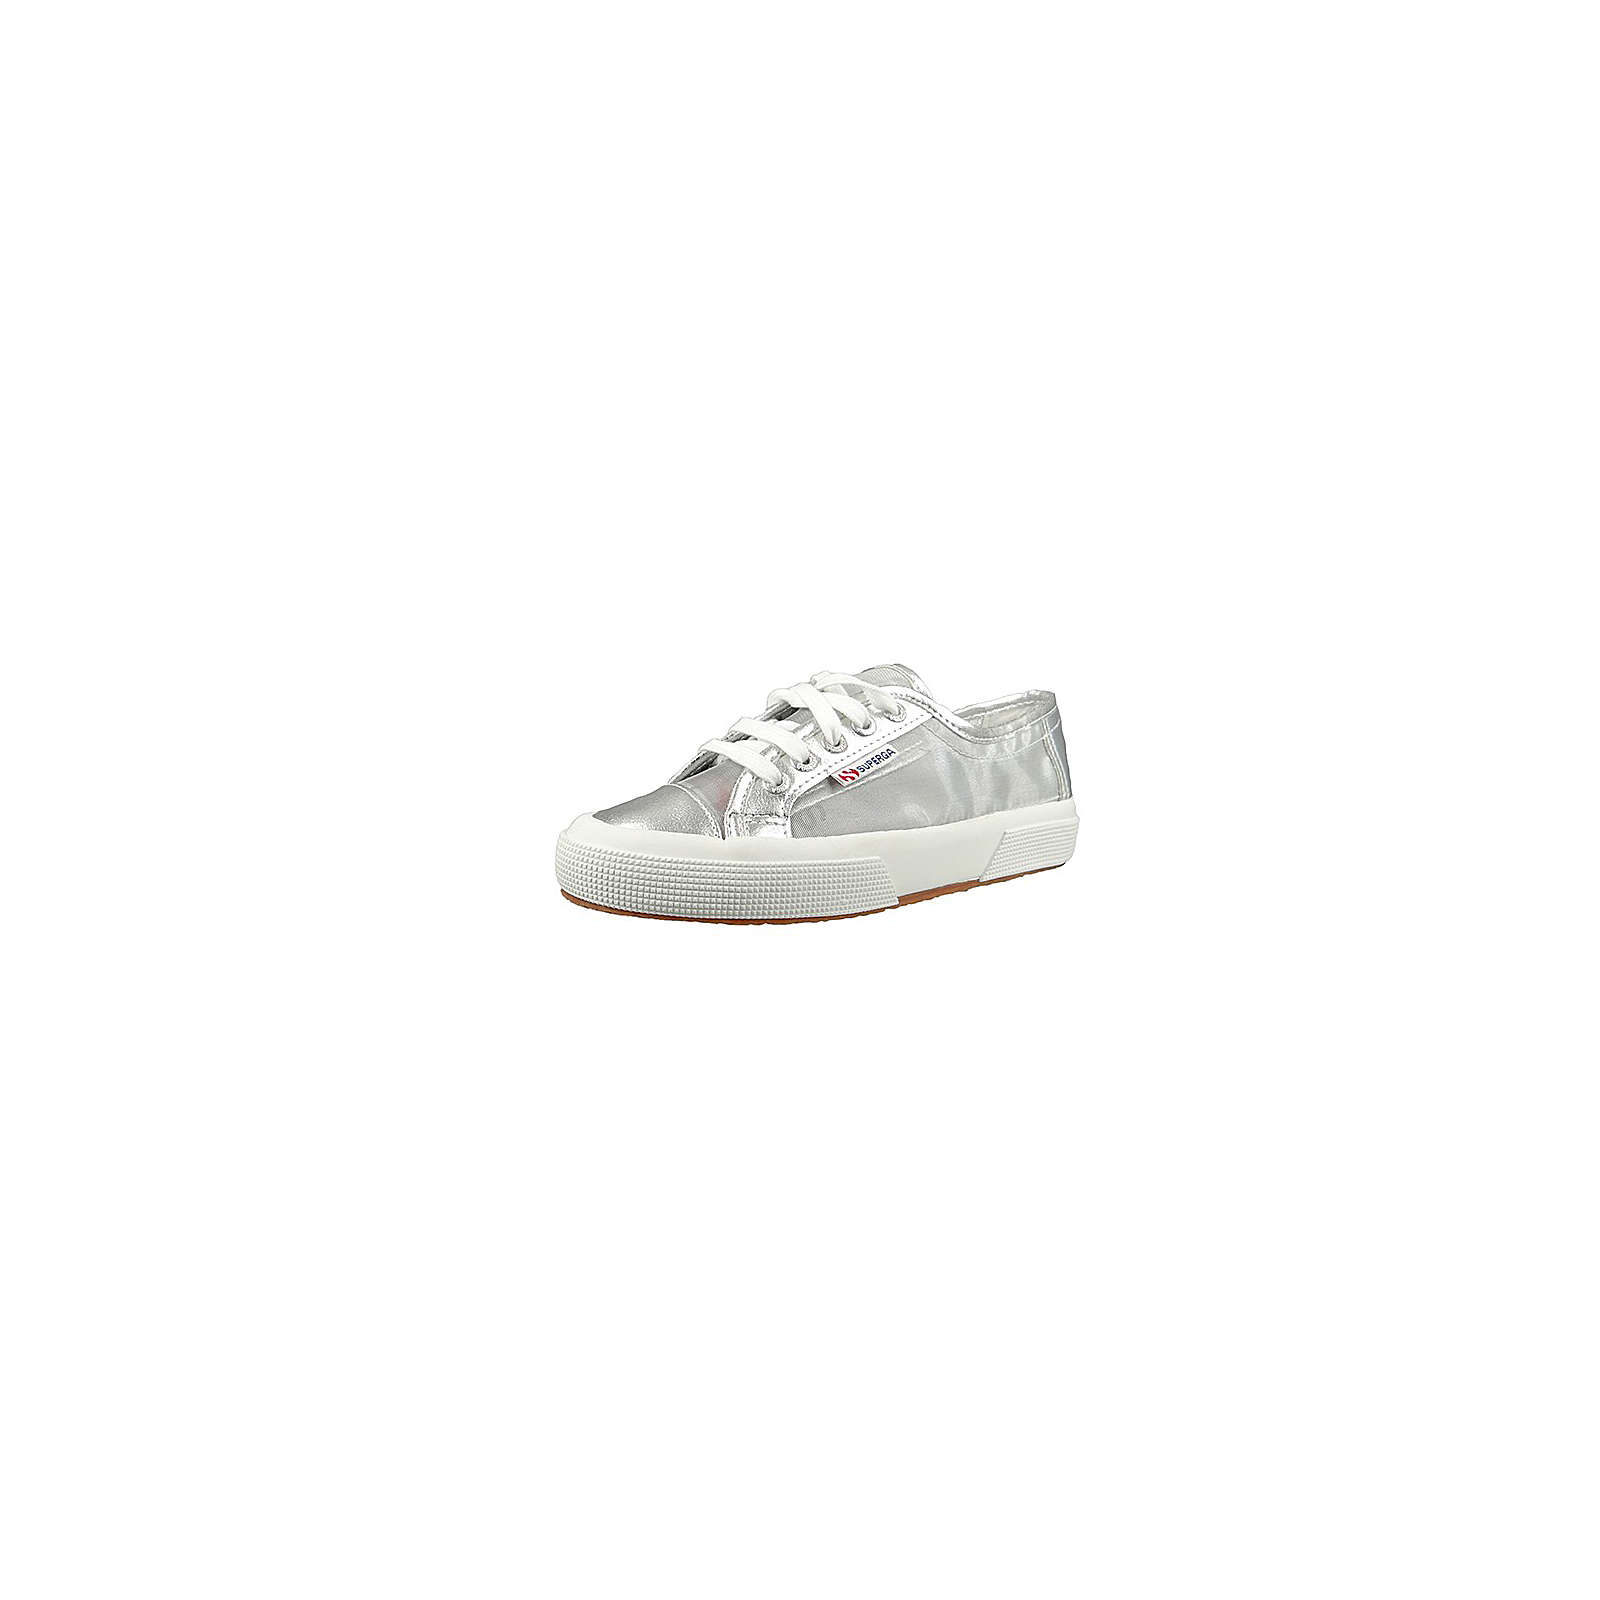 Superga® Sneakers 2750 NETW silber Damen Gr. 42